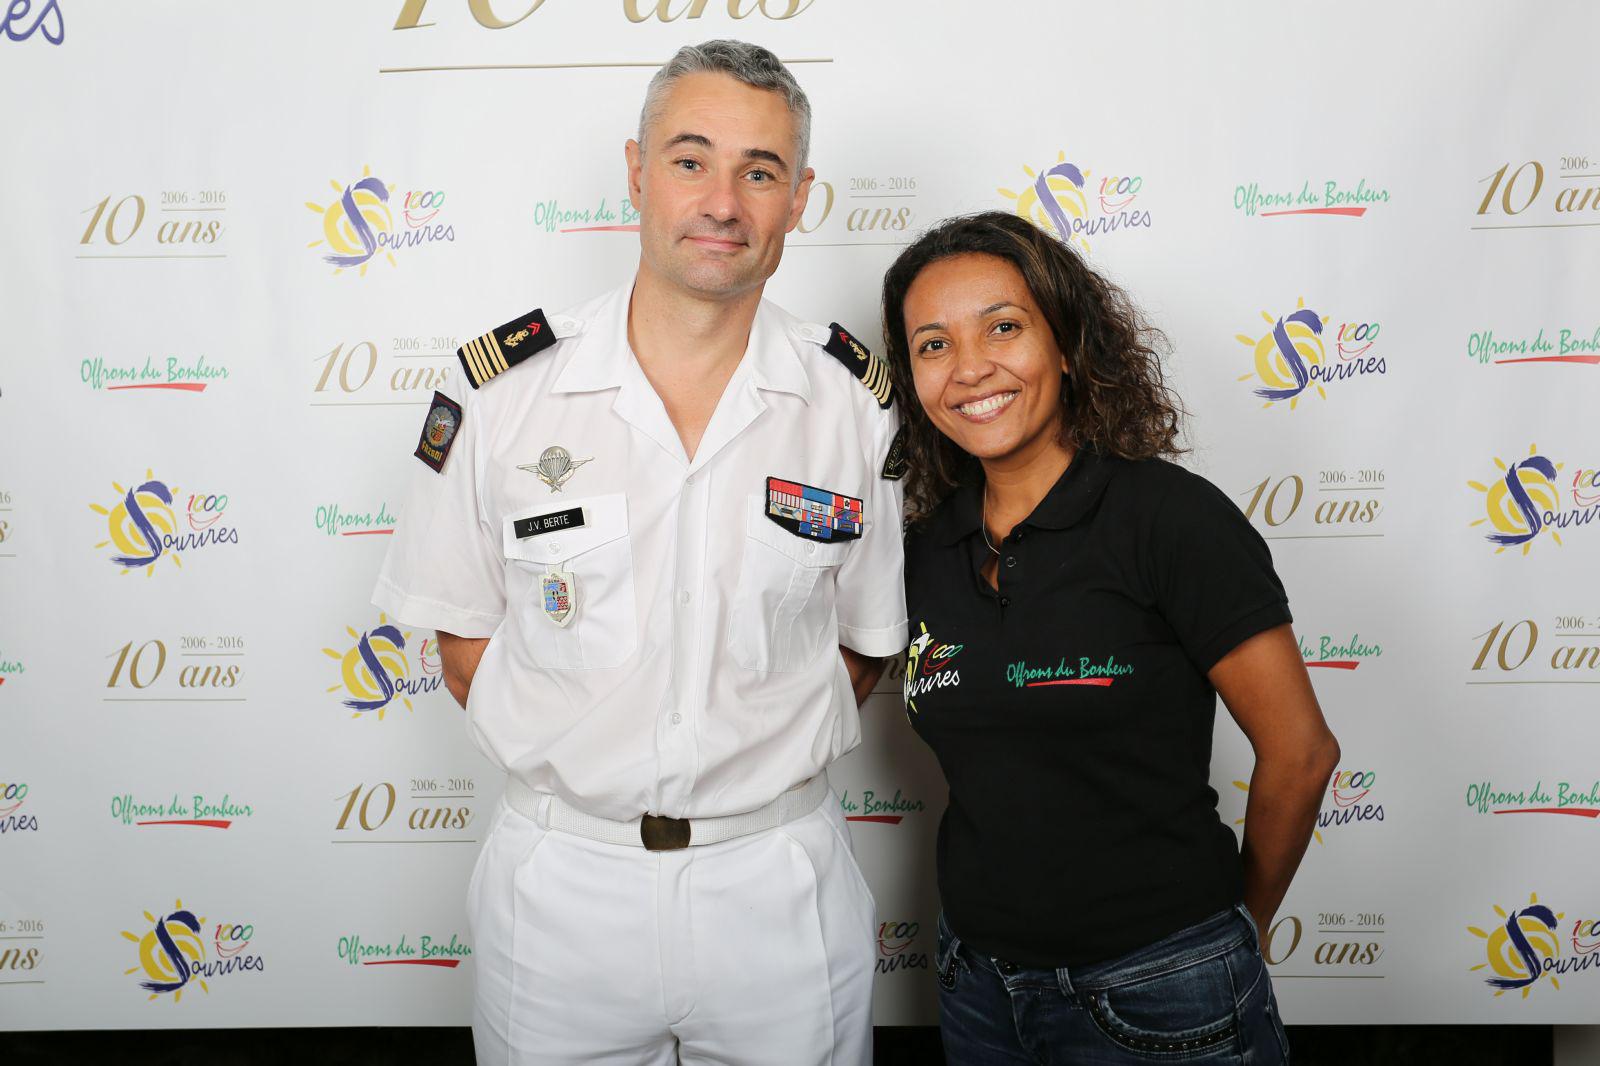 Jean-Vincent Berthe et Marie-Alice Sinaman